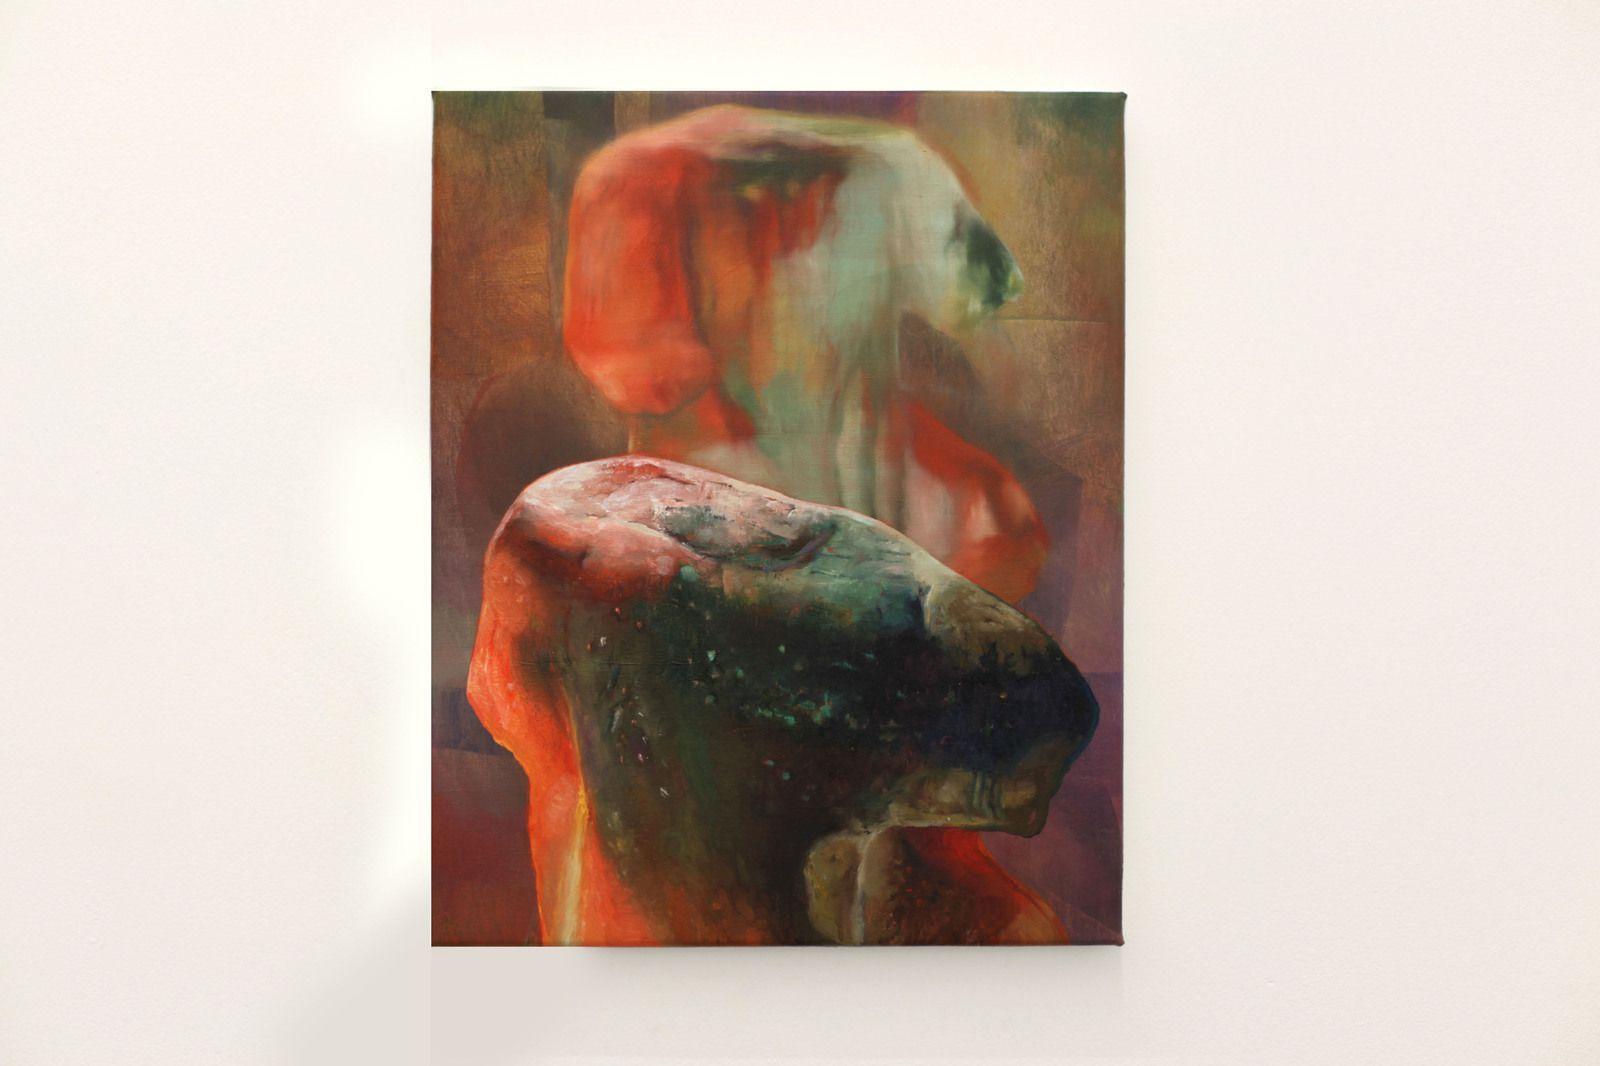 """""""Buste"""", 2021 de Maude MARIS - Courtesy de l'artiste et de la Galerie PRAZ-DELAVALLADE PARIS © Photo Éric Simon"""